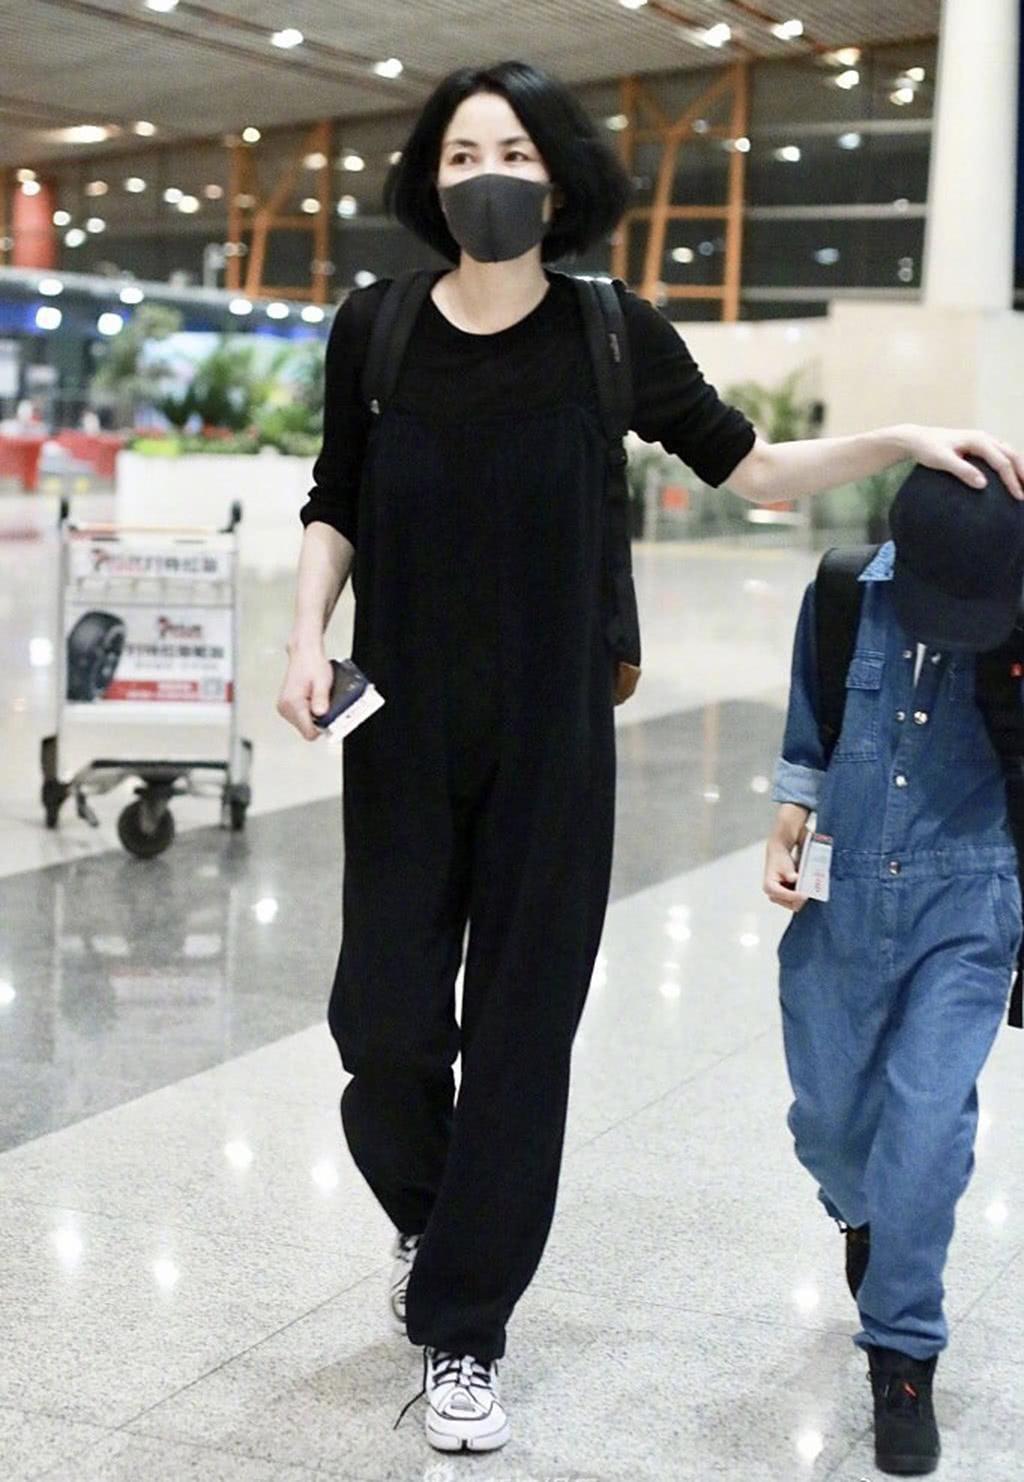 王菲穿低调现身机场,一身简装难掩巨星范儿,无名指戒指抢镜!